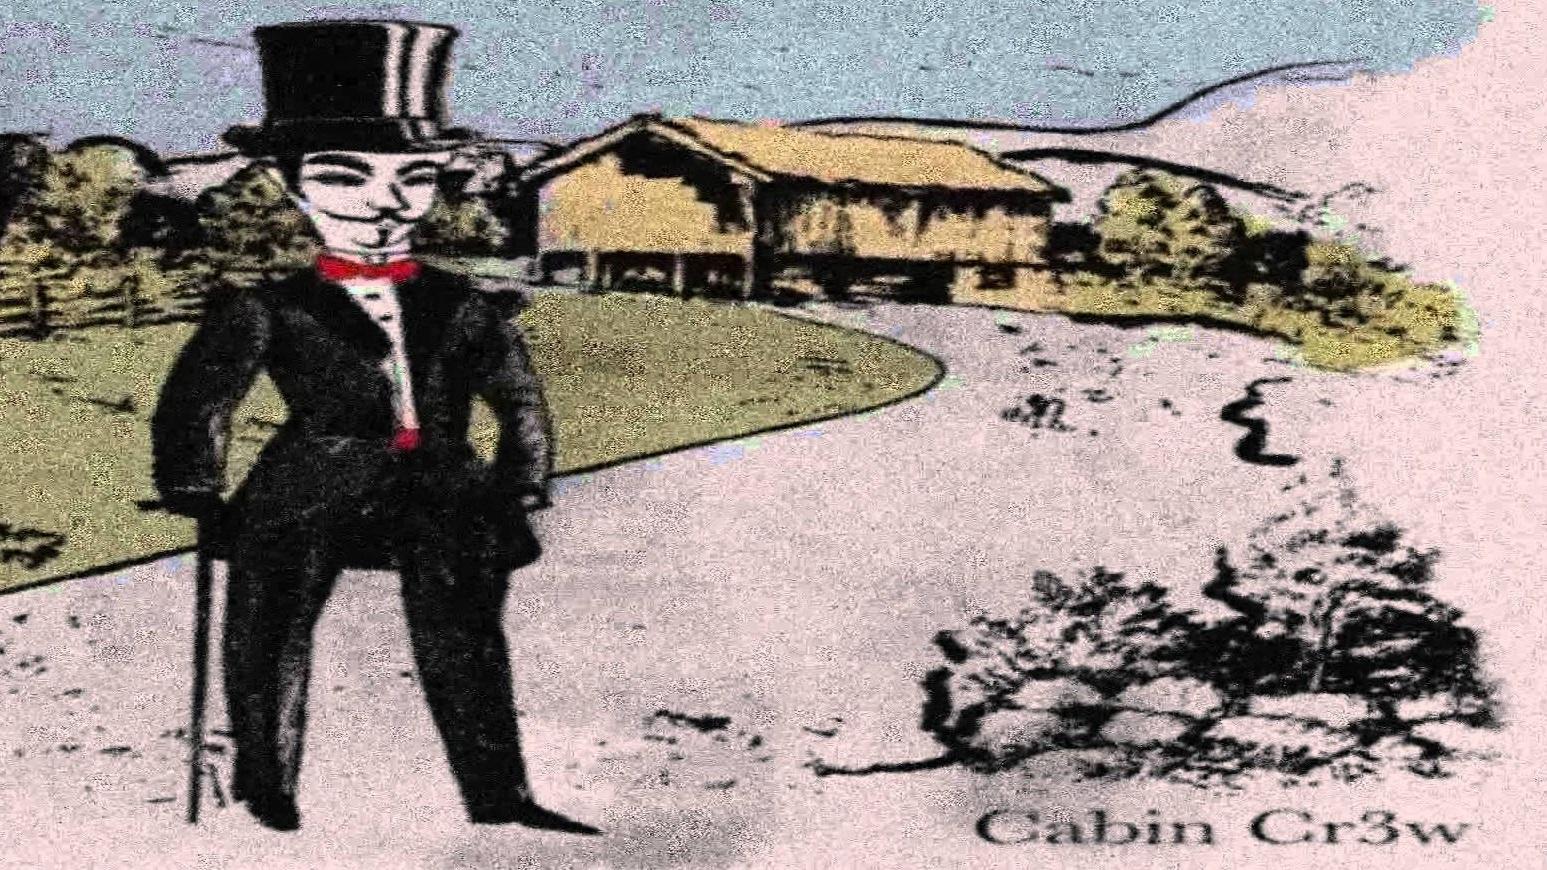 Cabin Cr3w